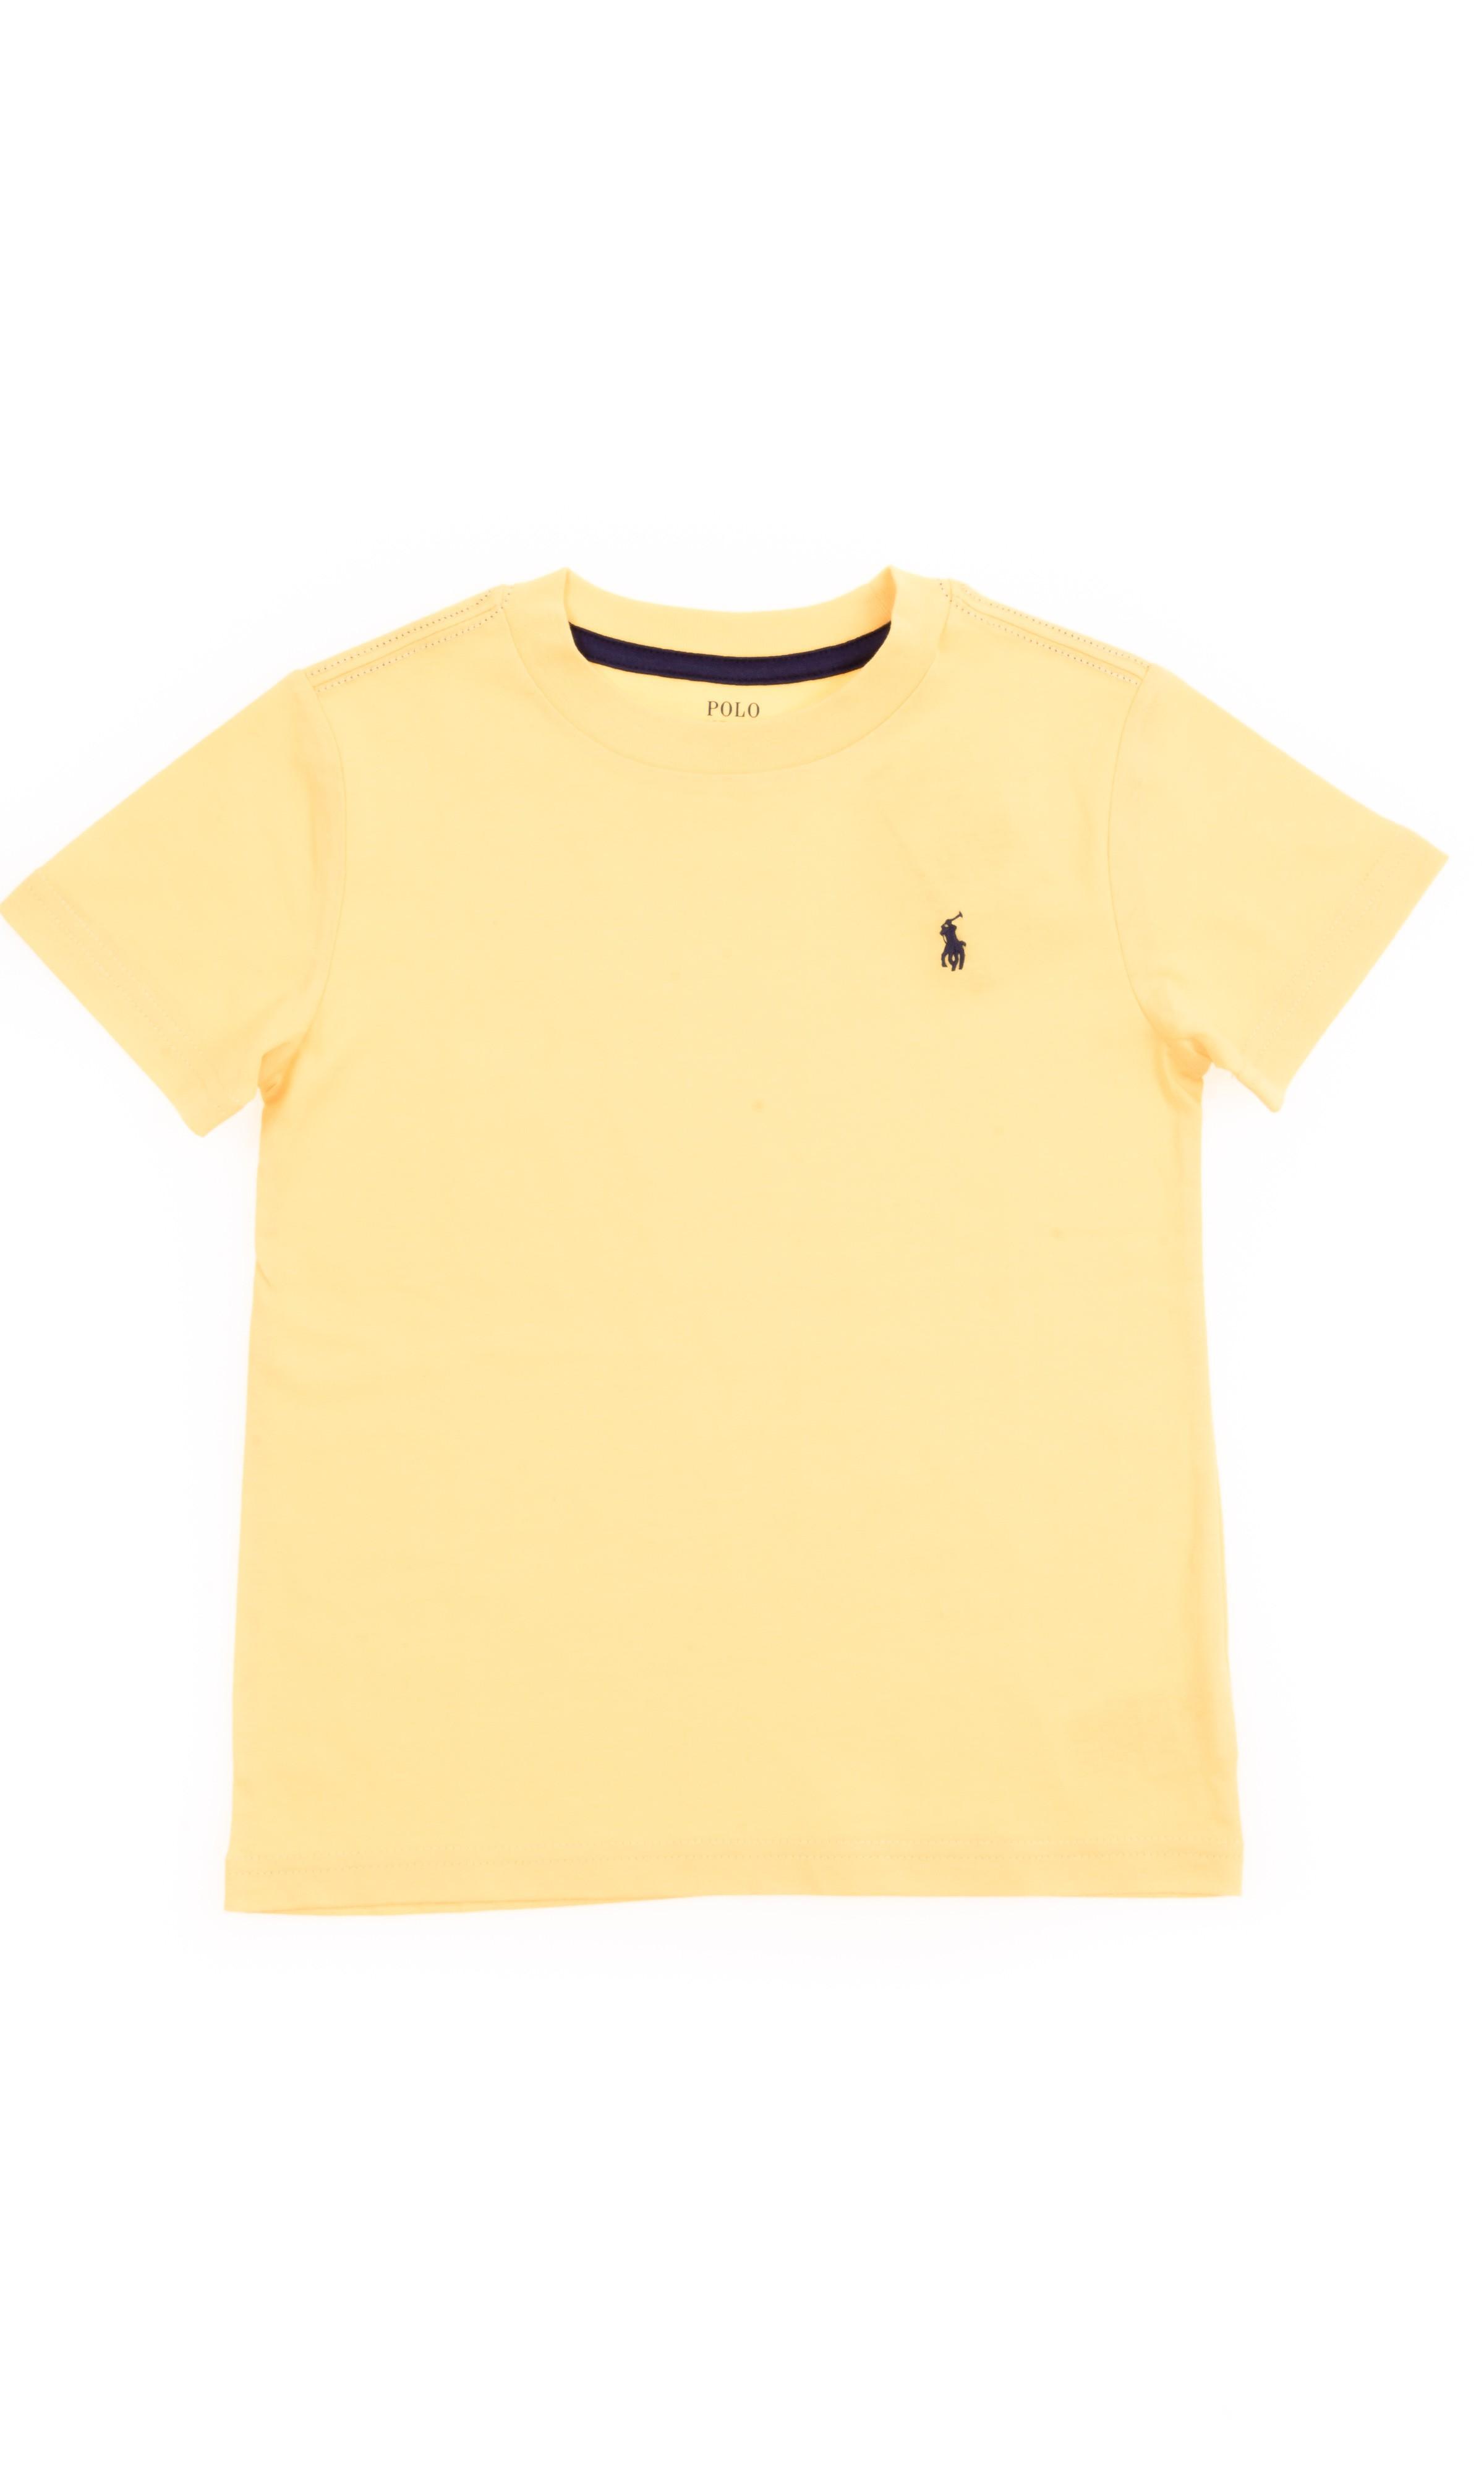 Żółty t-shirt chłopięcy na krótki rękaw 17a04d35f47